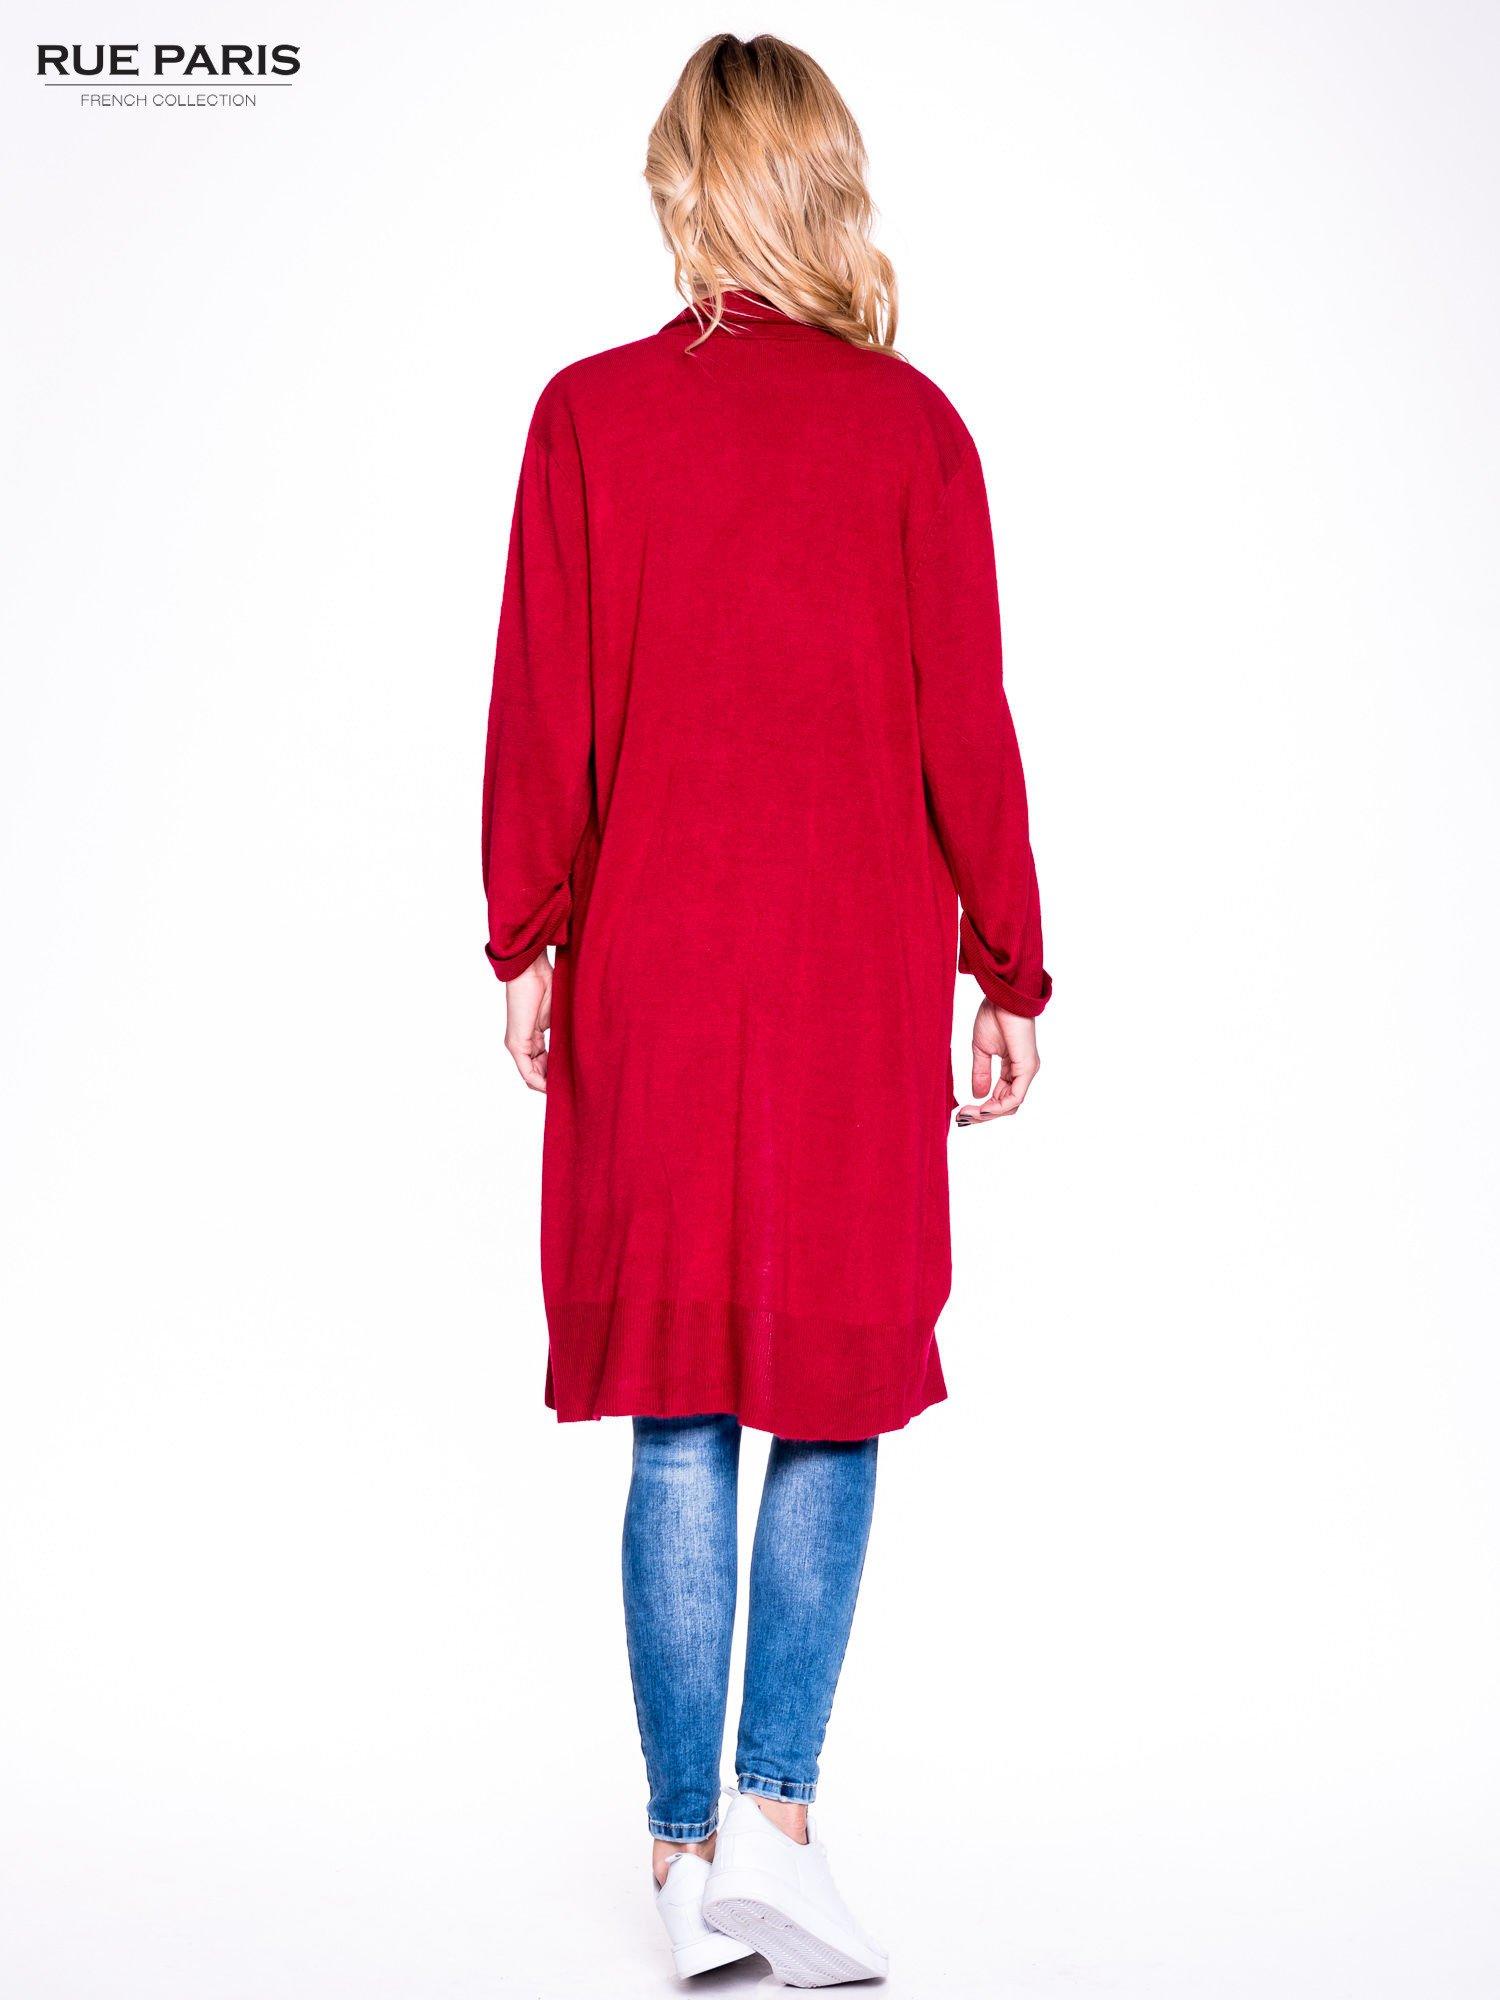 Czerwony sweter długi kardigan z kieszeniami                                  zdj.                                  3